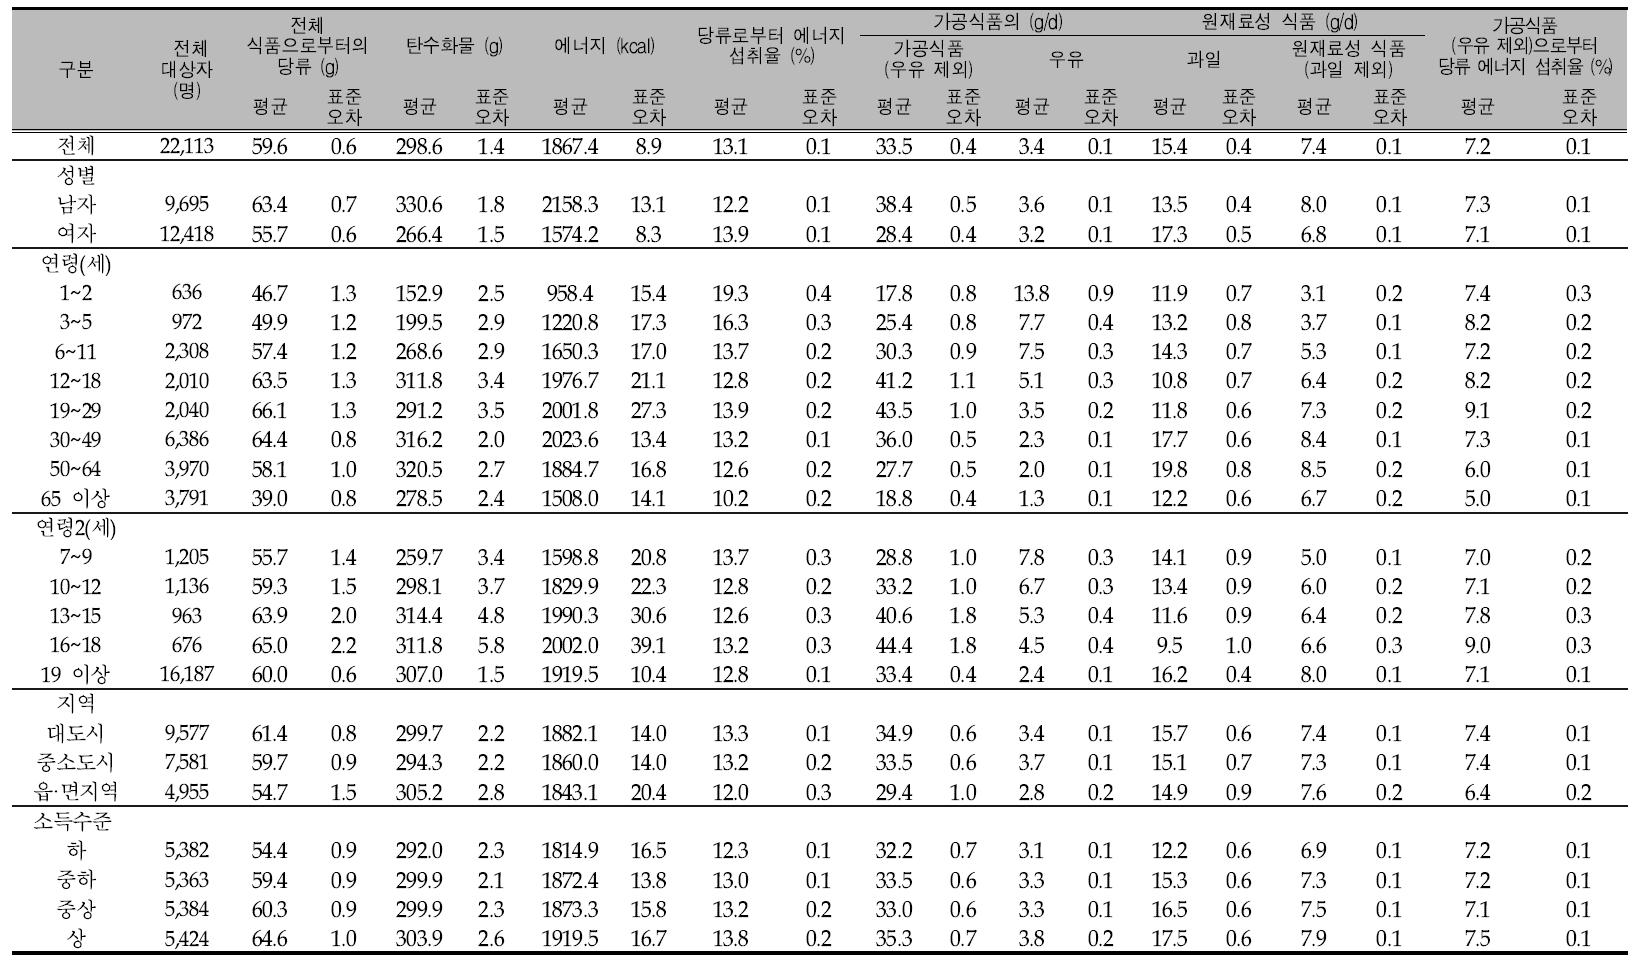 우리 국민의 1인1일 평균 당류 섭취량(성별, 연령별, 지역별, 소득수준별): 국민건강영양조사 제4기